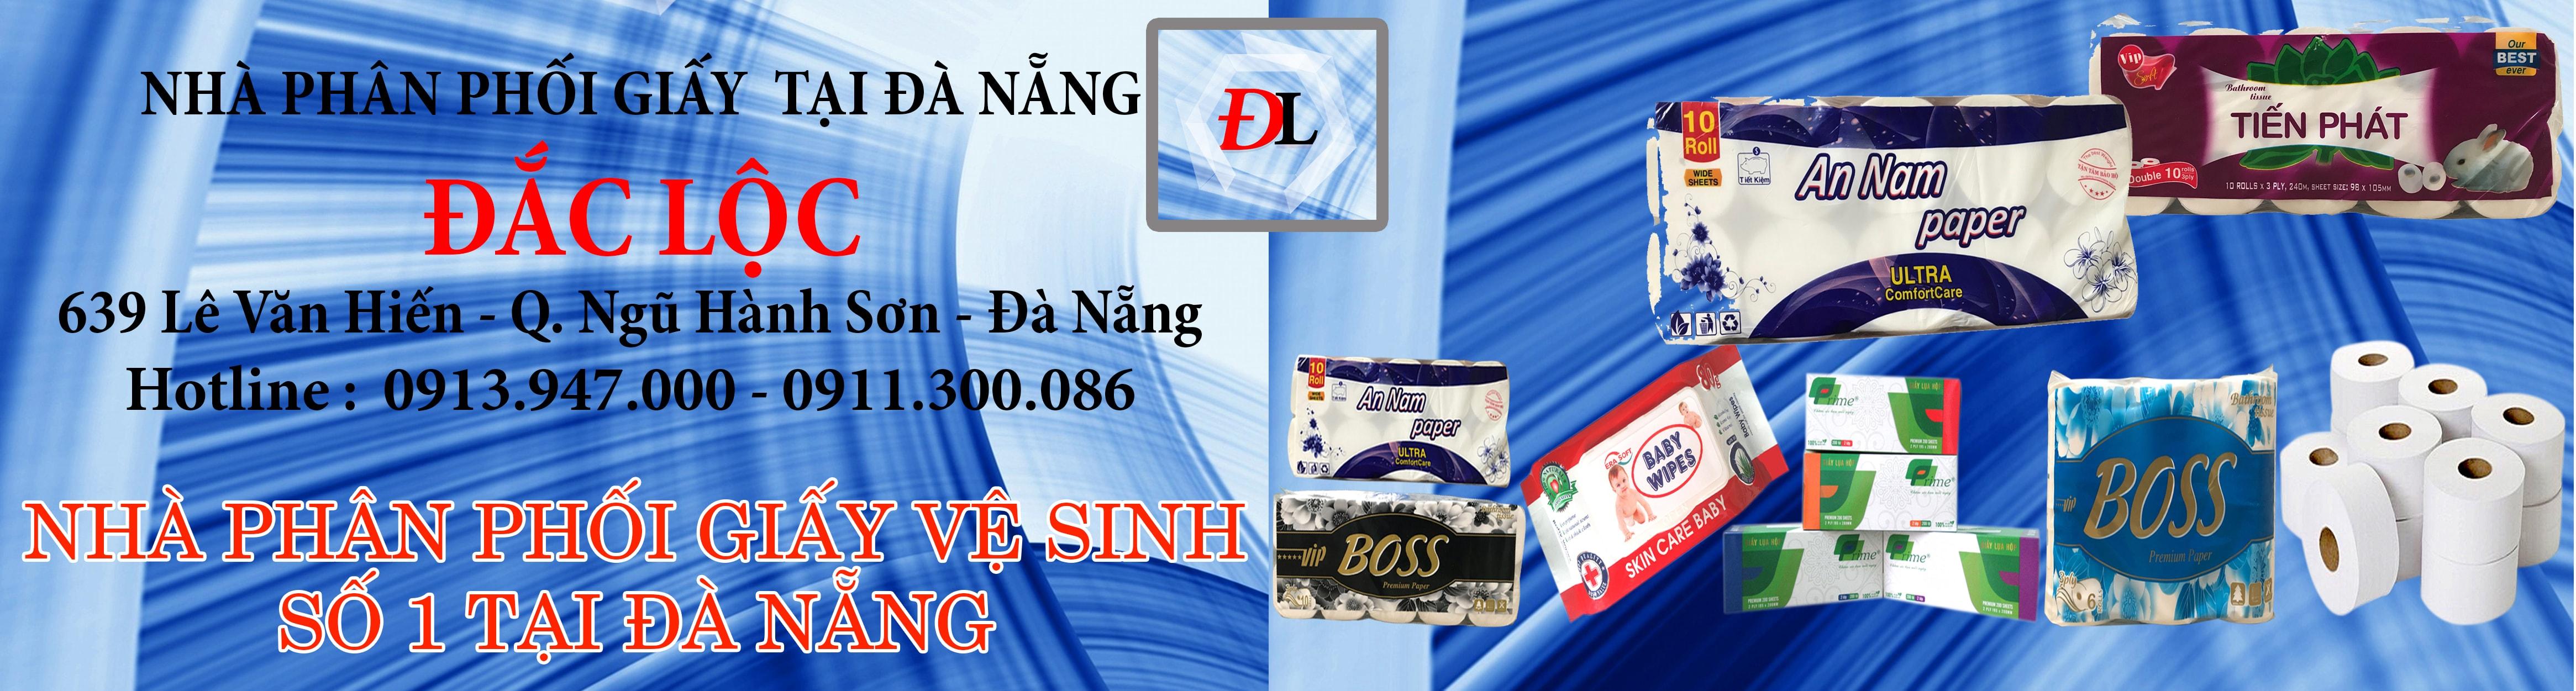 Giấy Đắc Lộc - Nhà Phân Phối Giấy Đà Nẵng